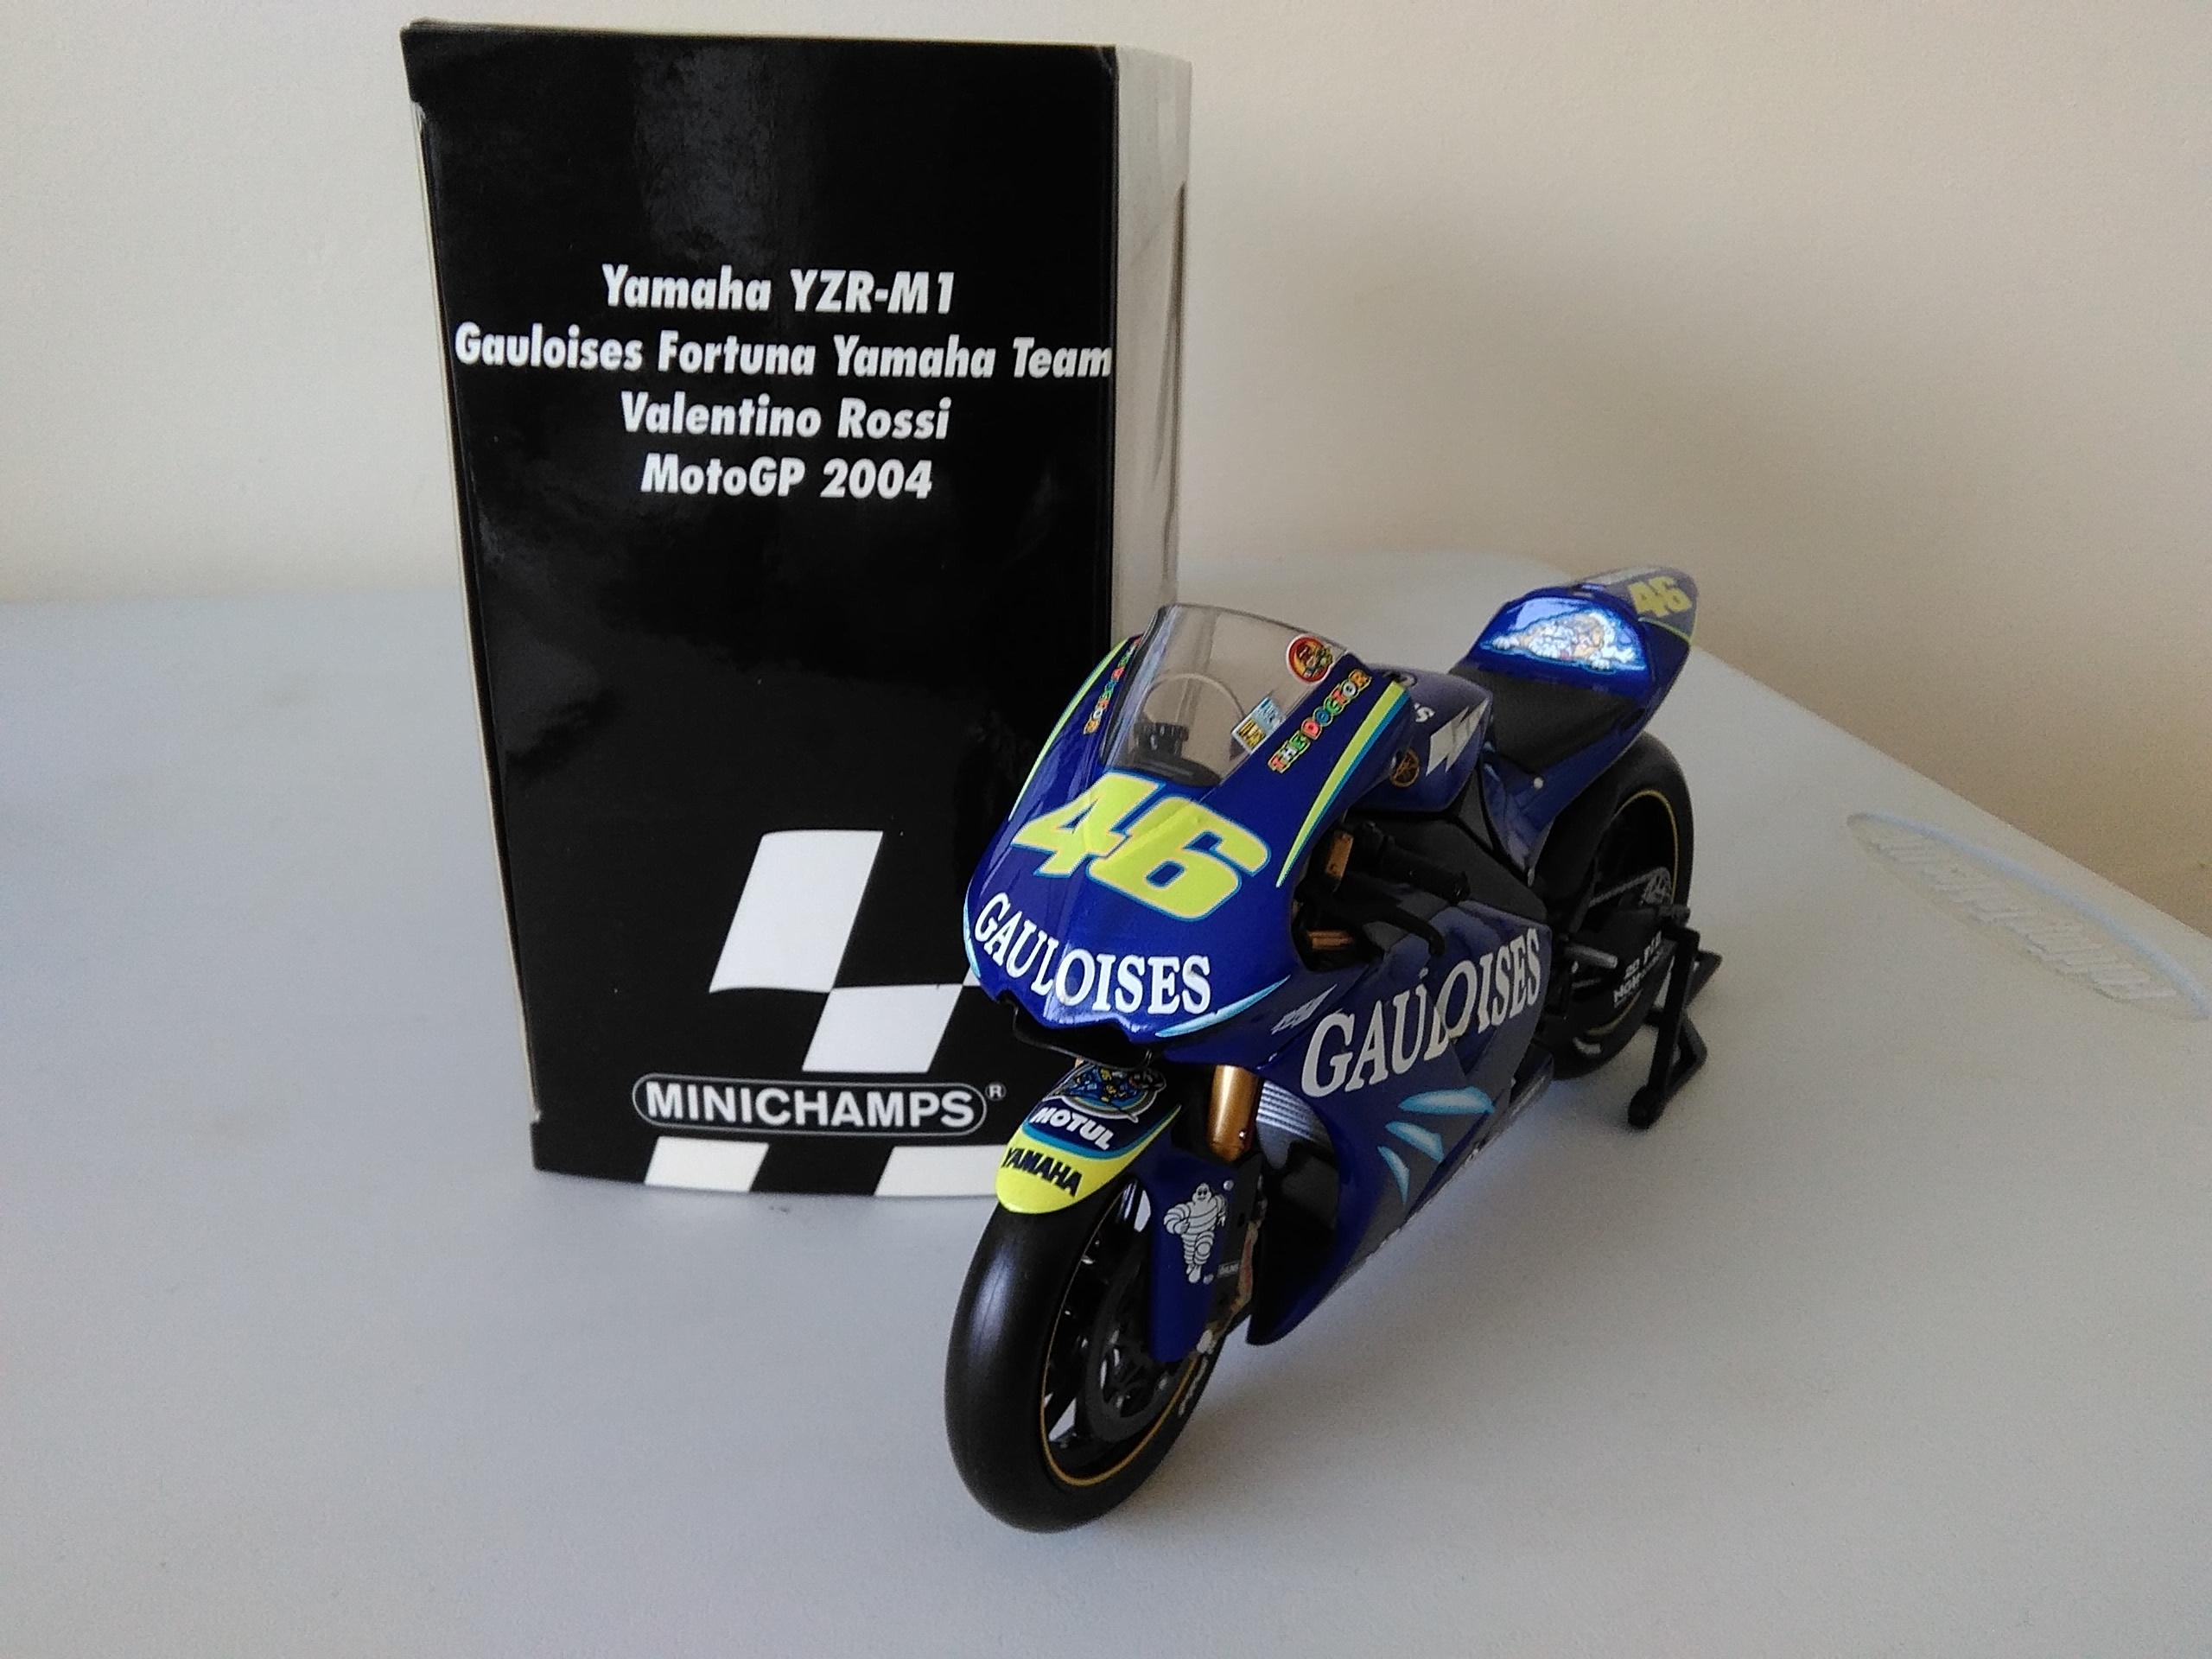 Valentino Rossi 2004 c/w Gauloises Decals